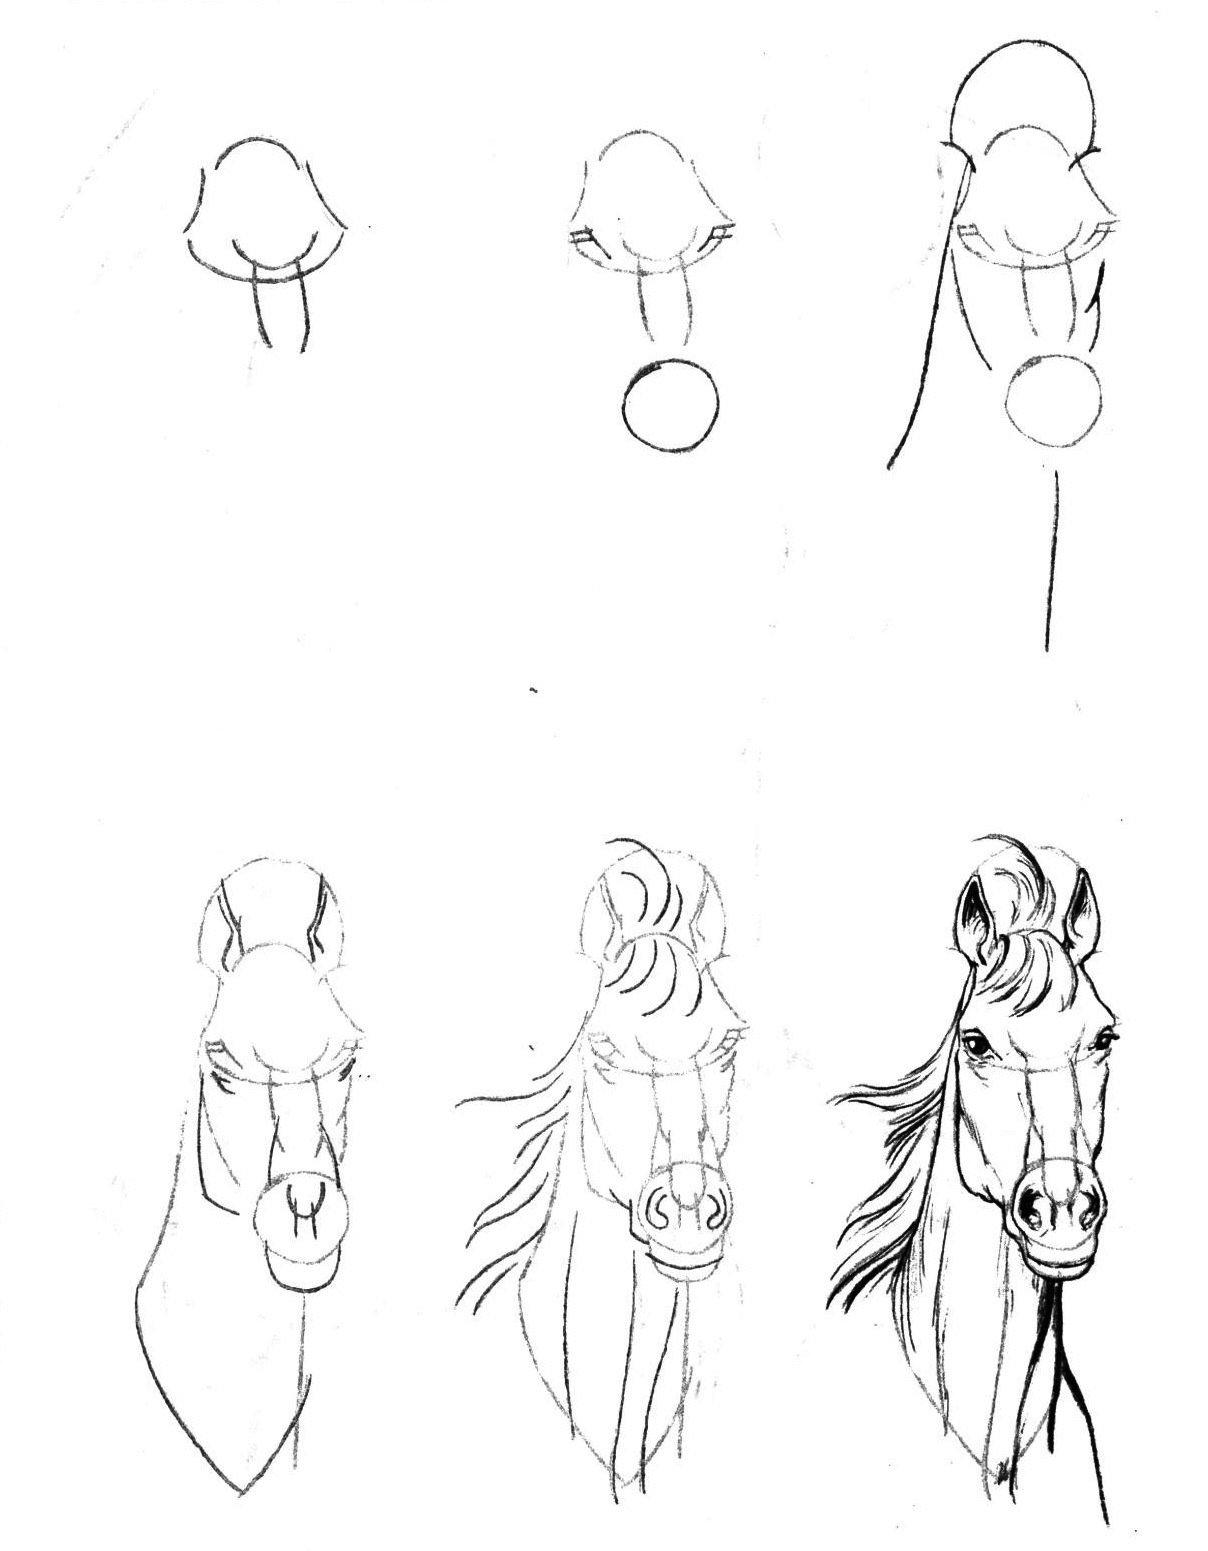 кашин уроки рисования карандашом с нуля в картинках изображение